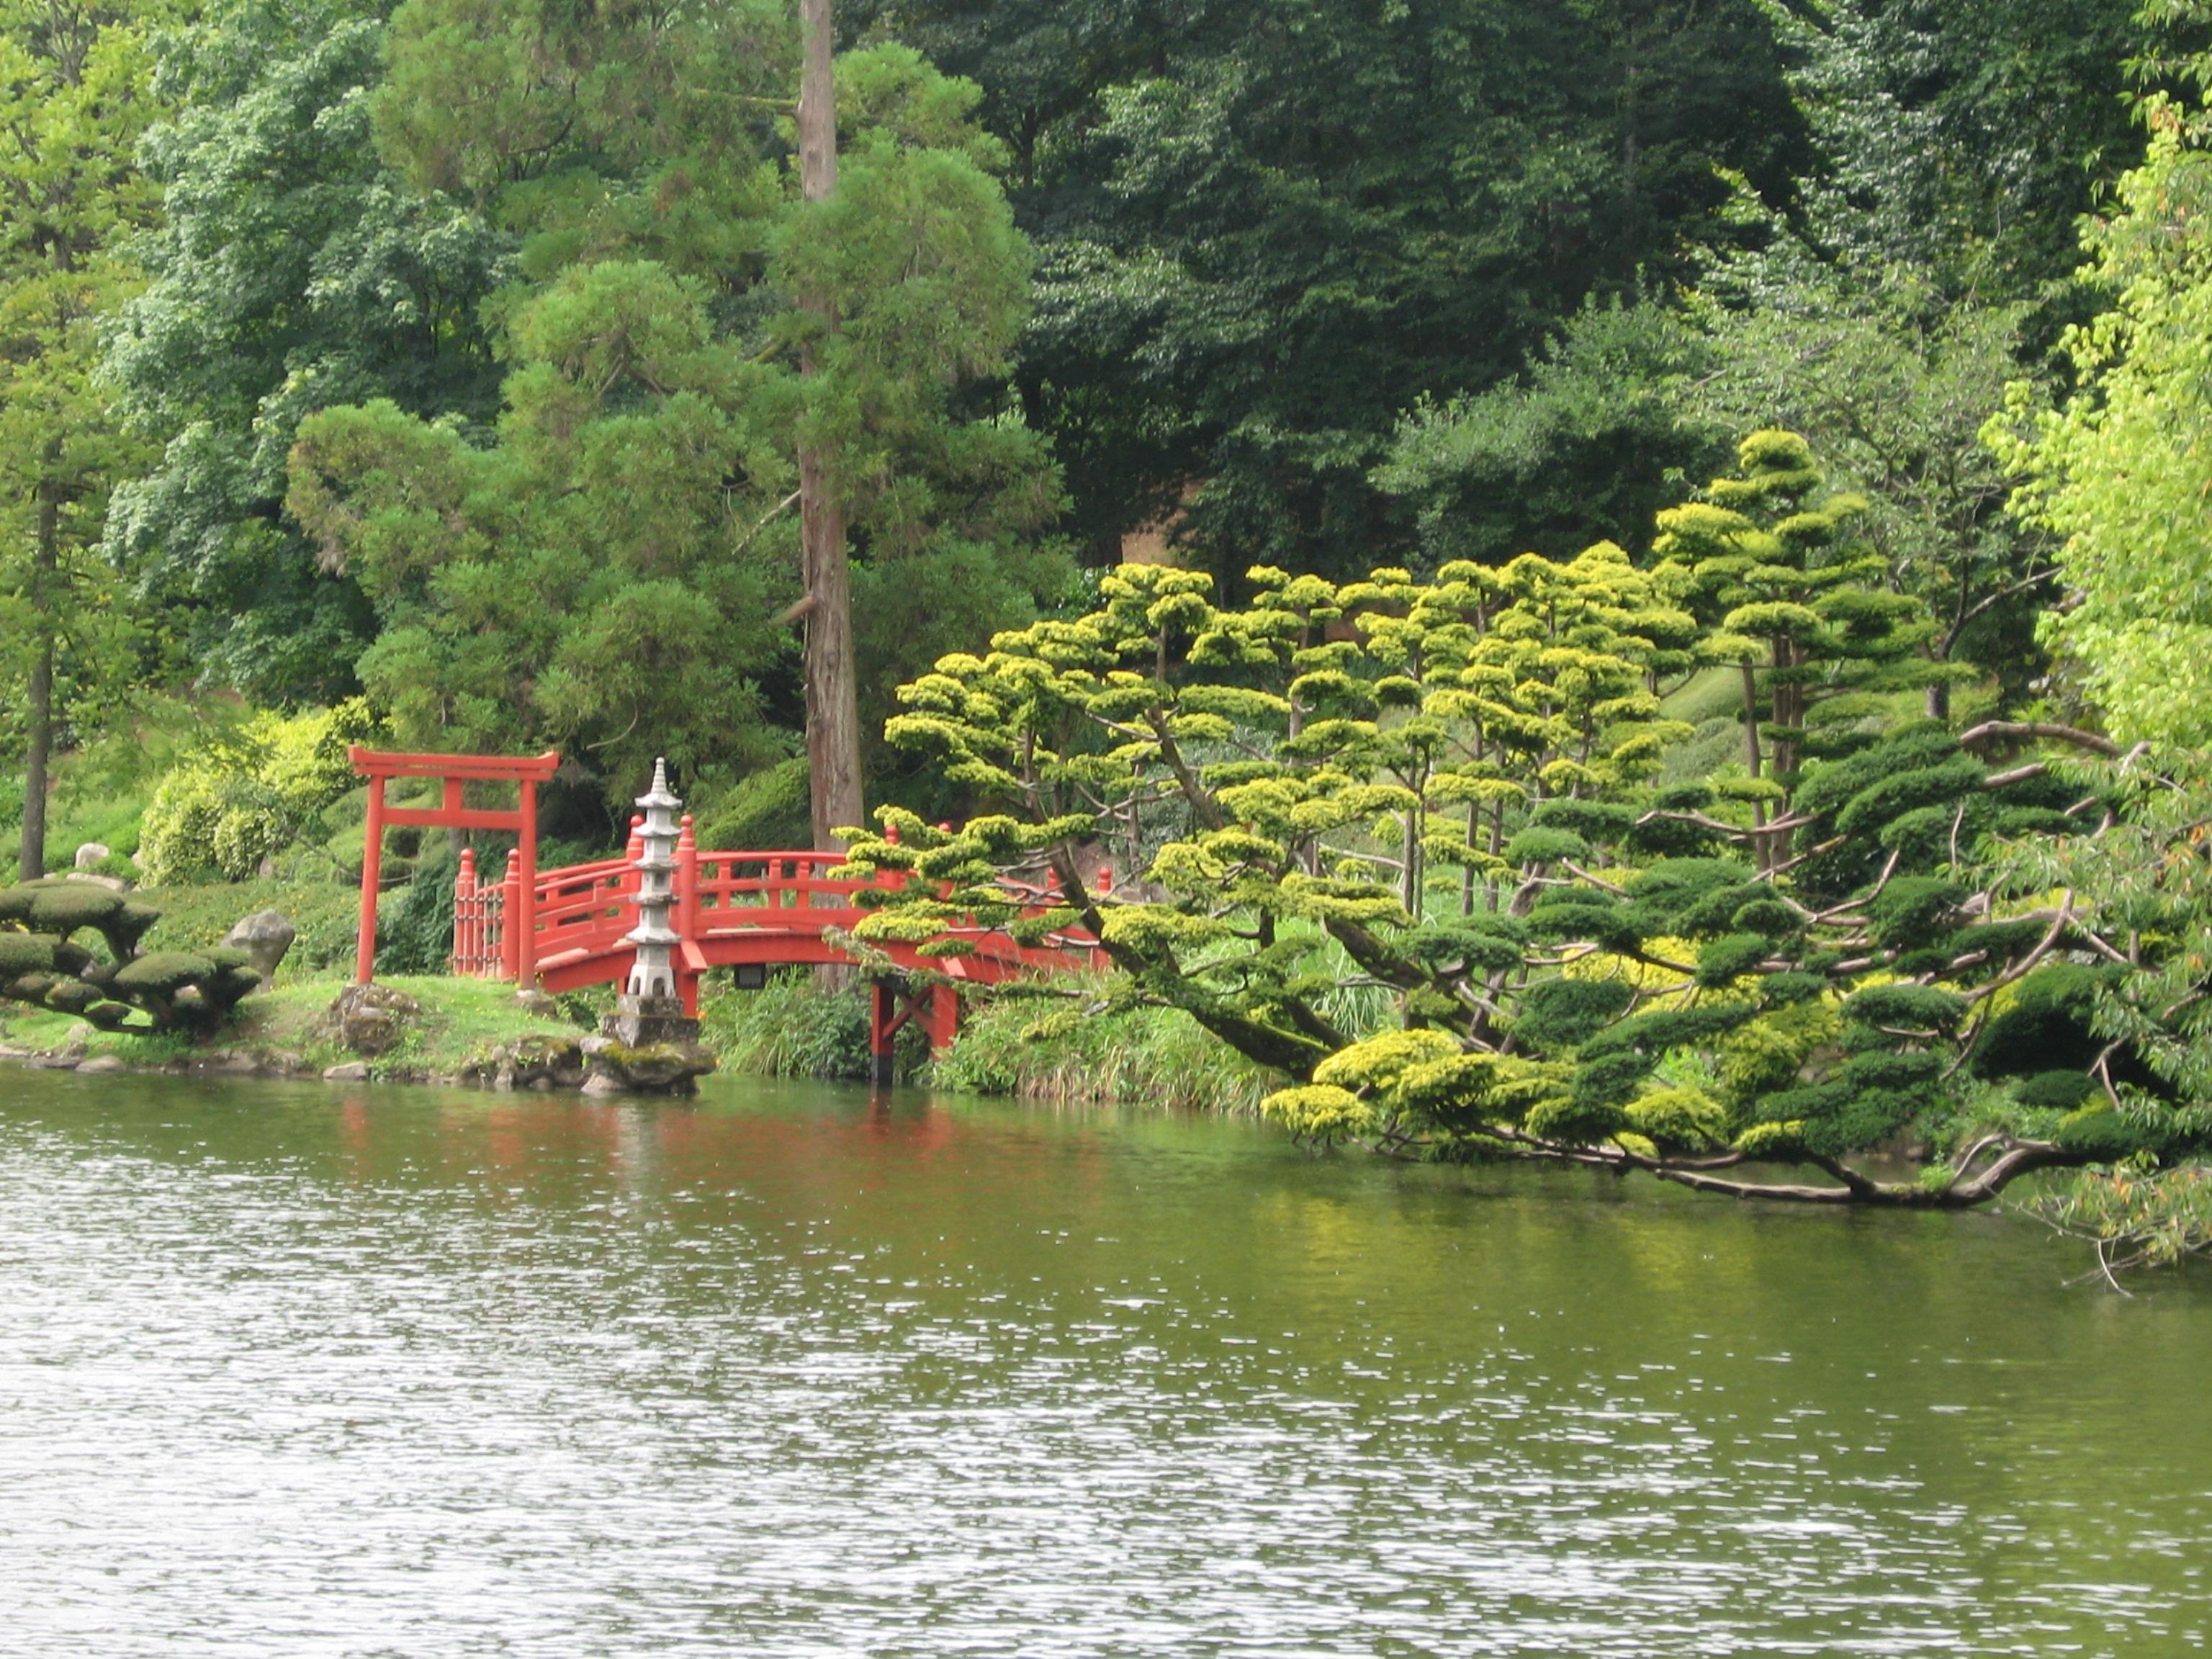 Le top 5 jardins non remarquables - Mobilier jardin oriental saint denis ...